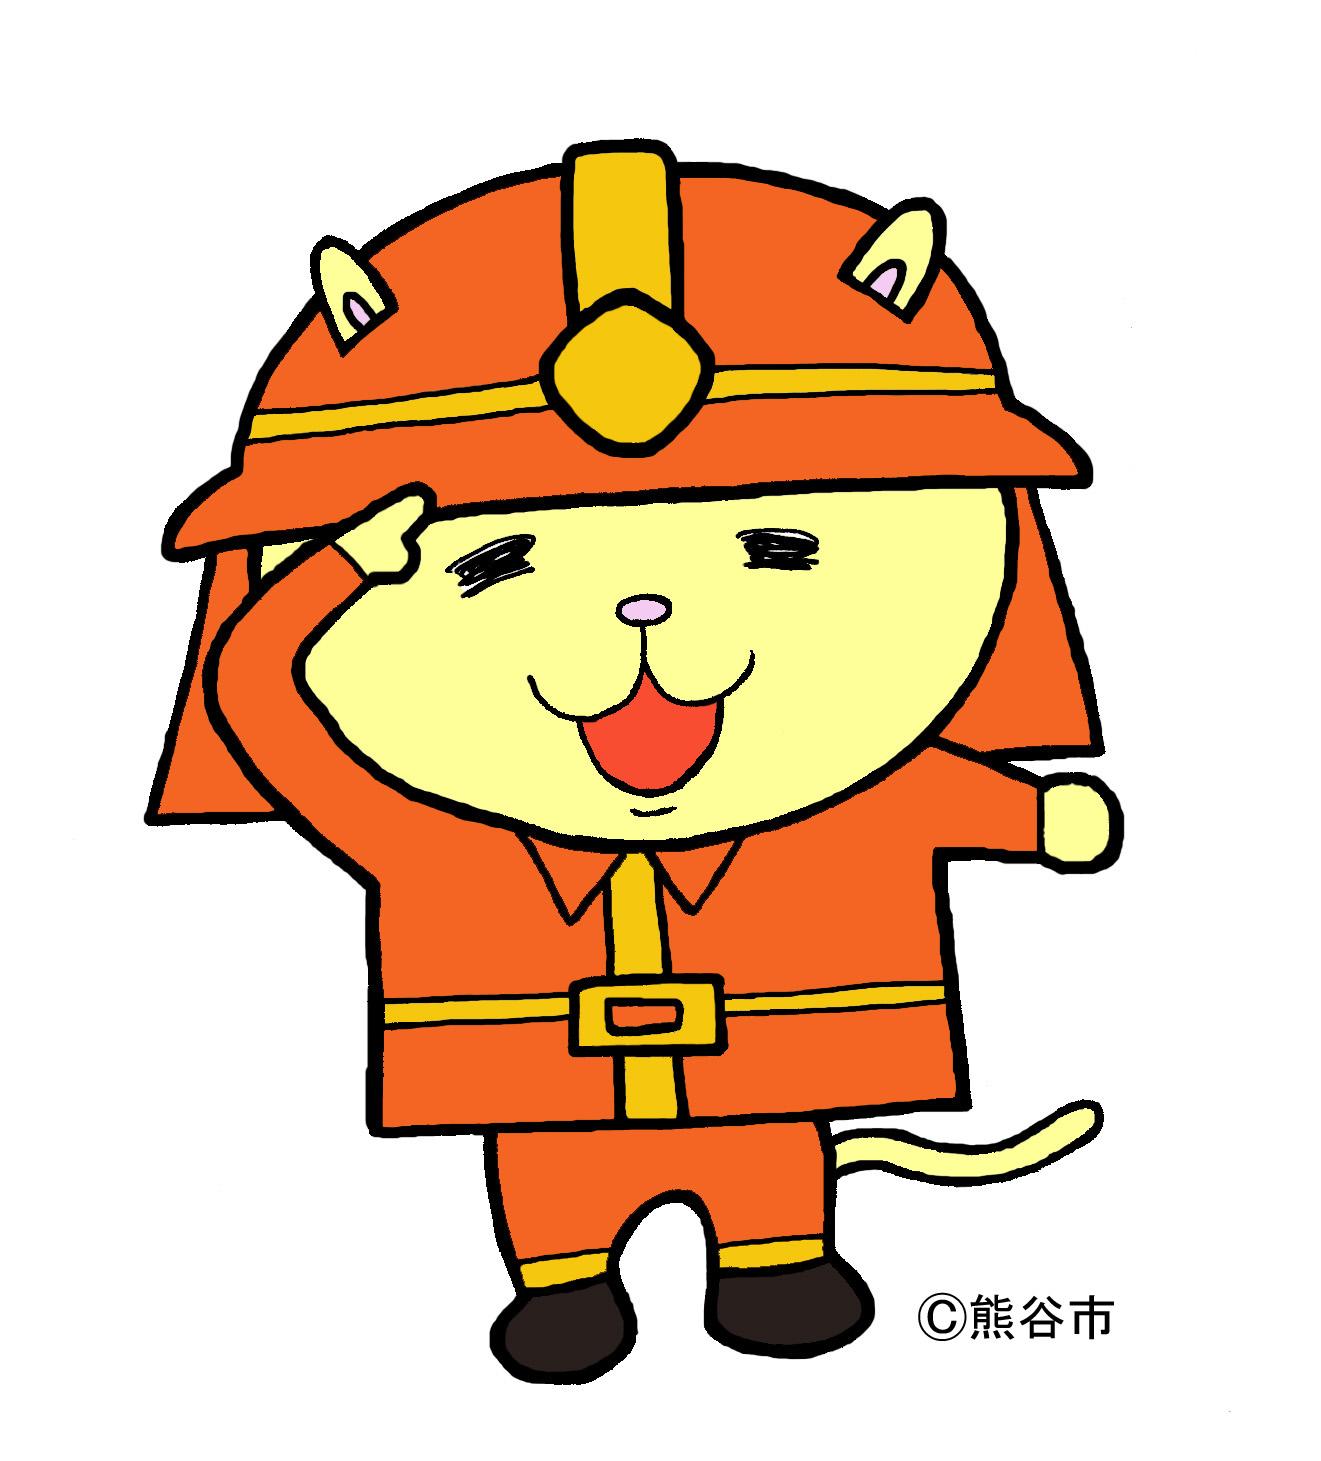 熊谷市&深谷市 防災関連をチェックしよう